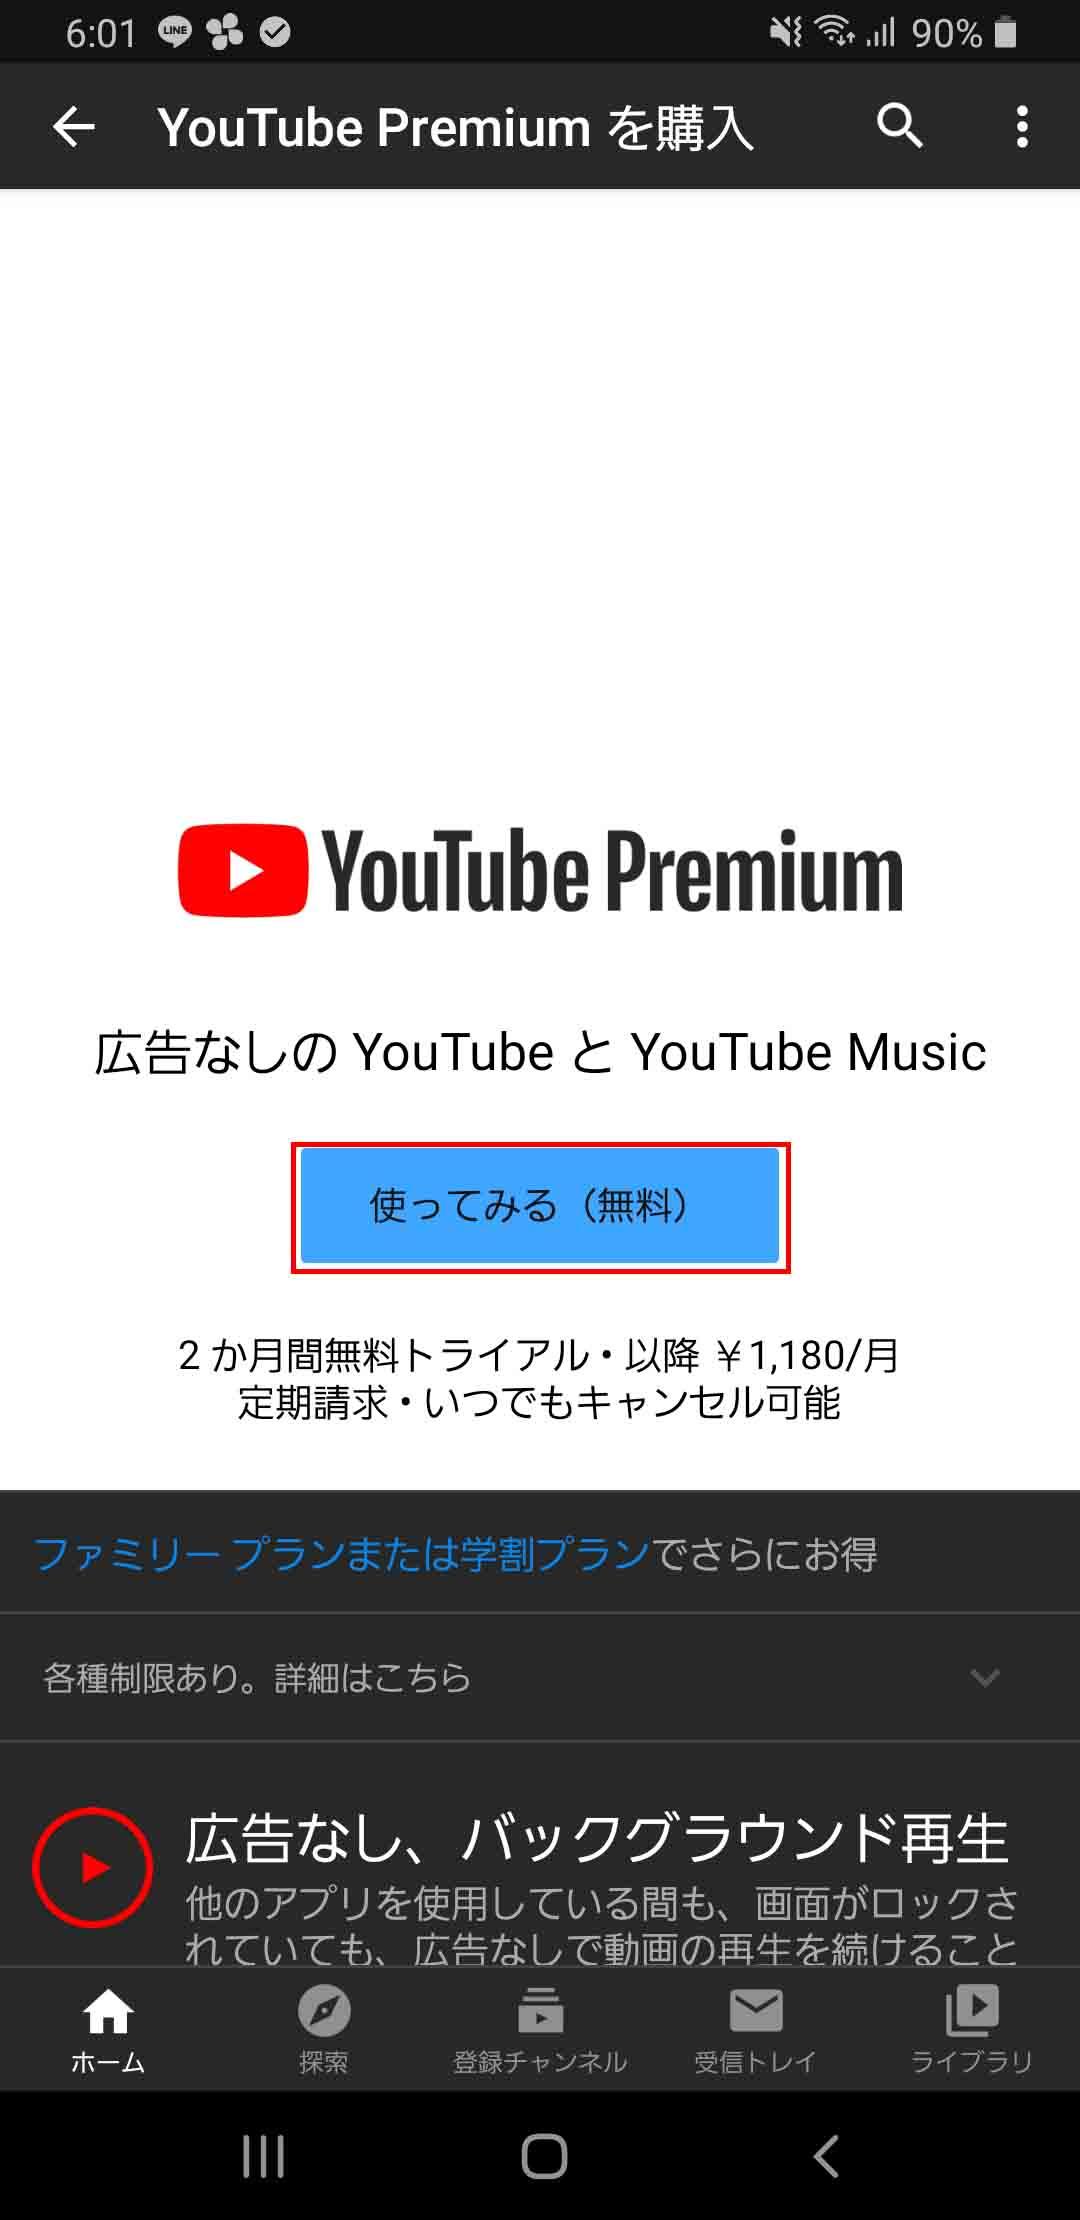 Premium 学割 Youtube